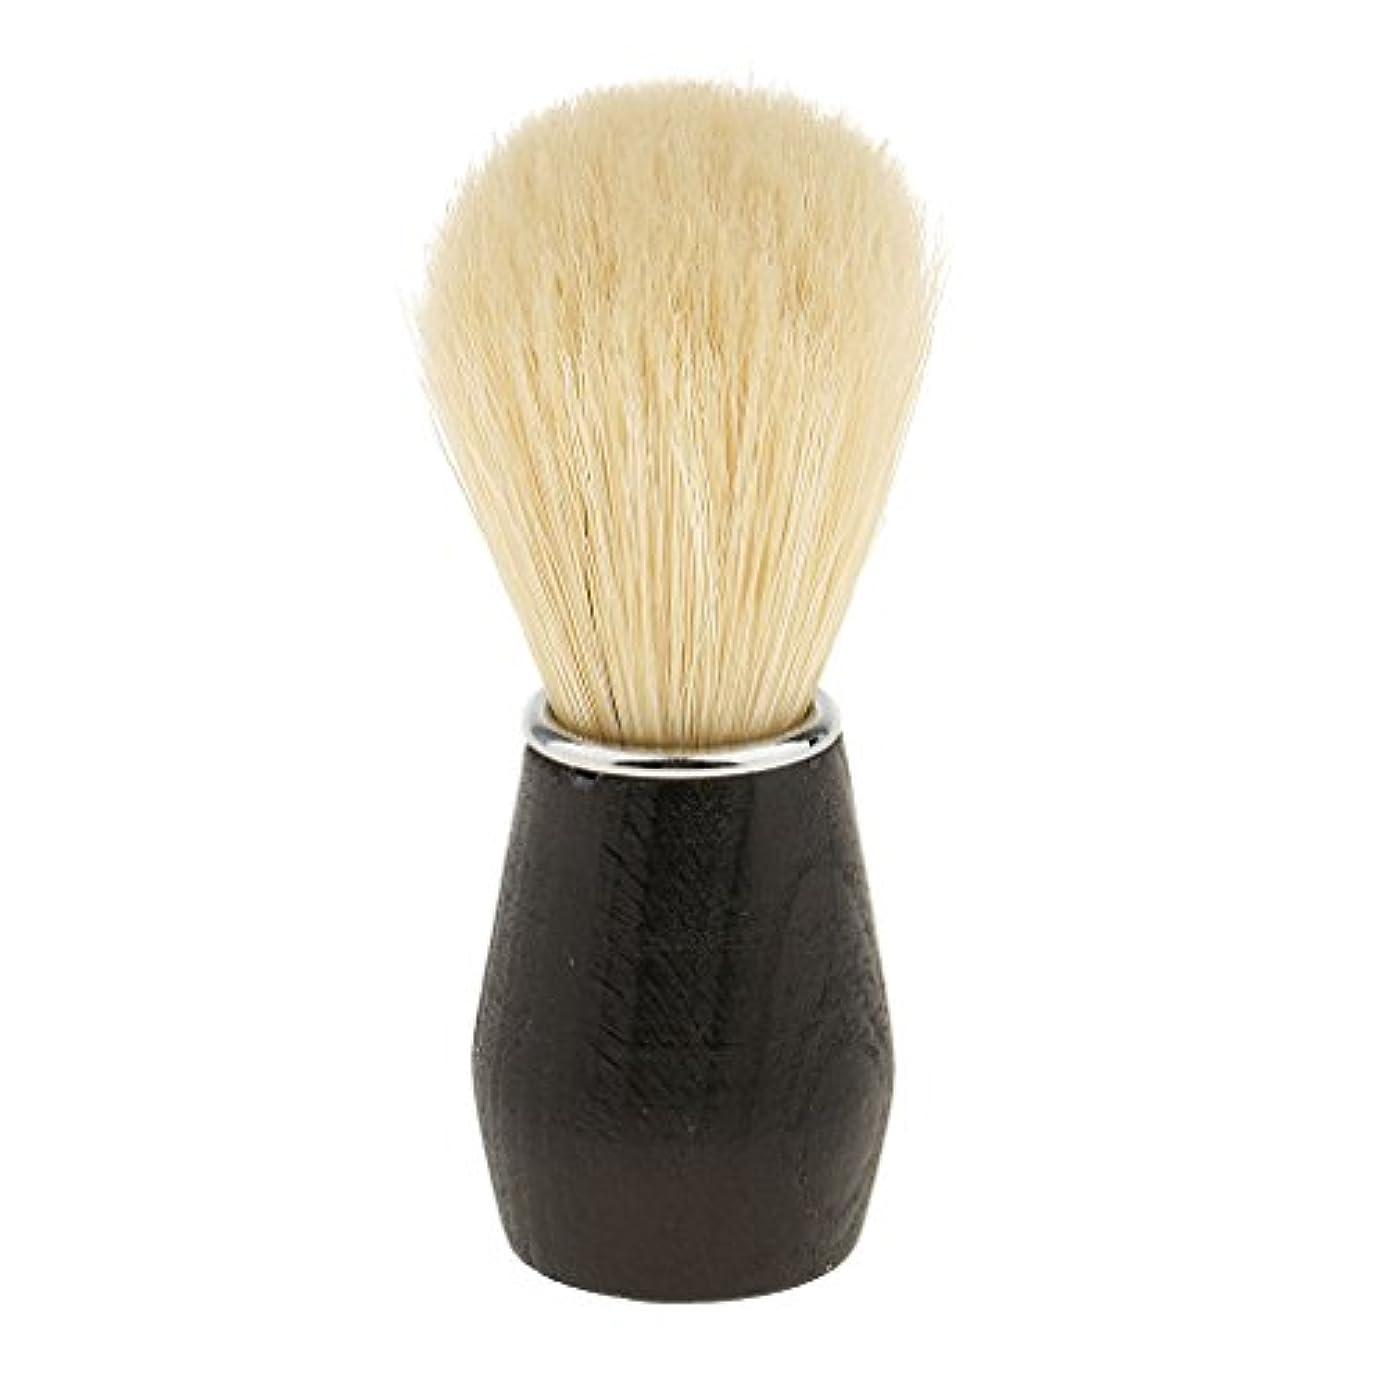 実装する止まるリスP Prettyia シェービングブラシ ひげ剃りブラシ プラスチックハンドル クリーニングブラシ